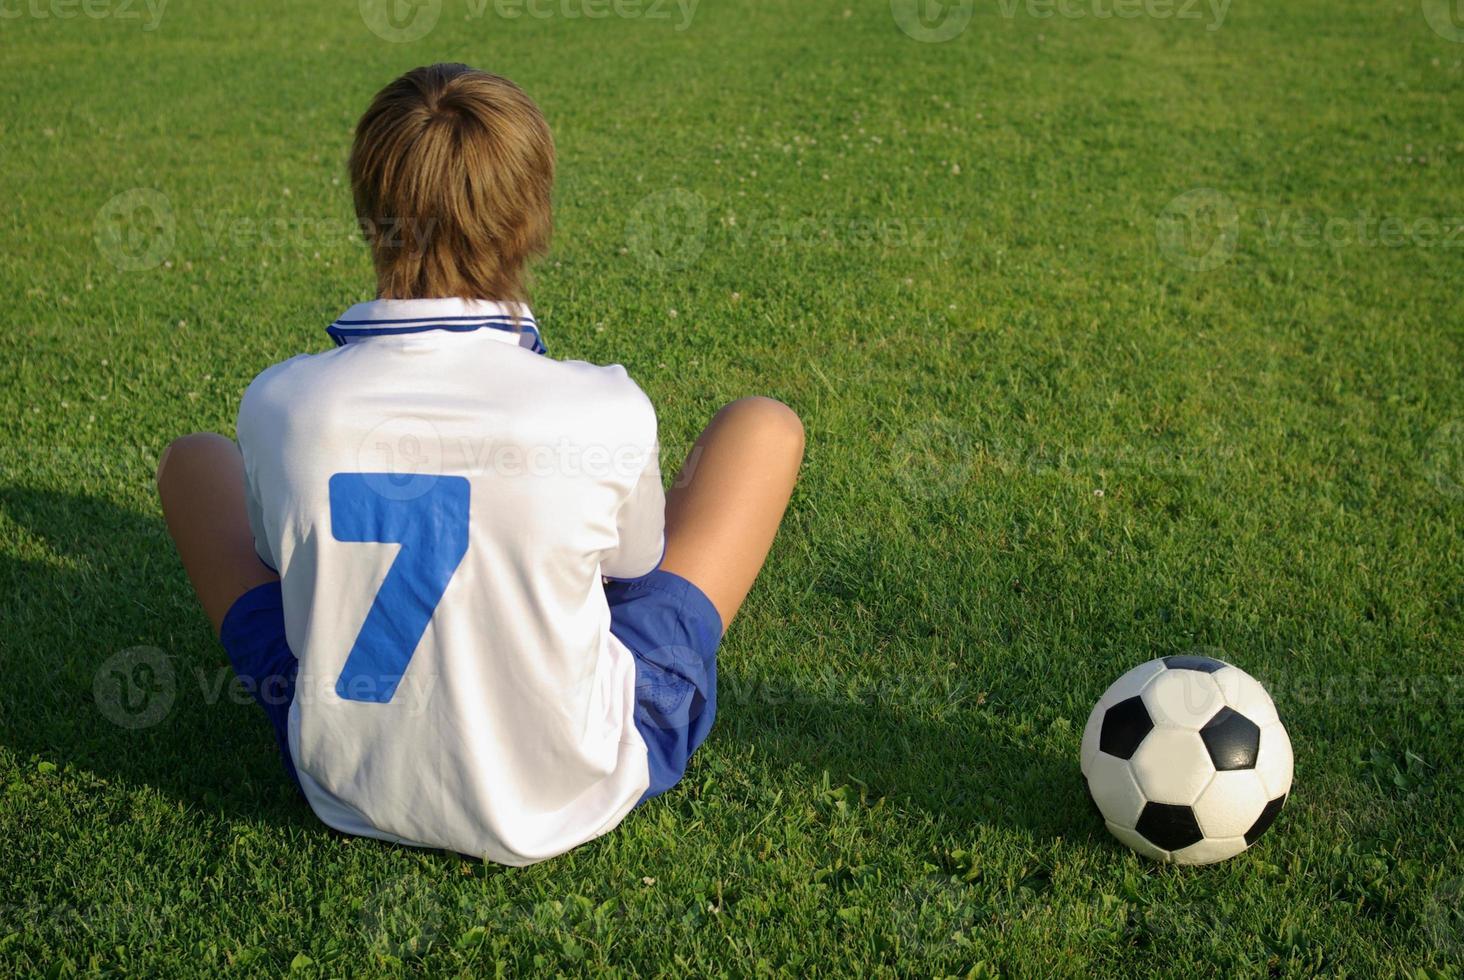 pojke med en fotboll foto